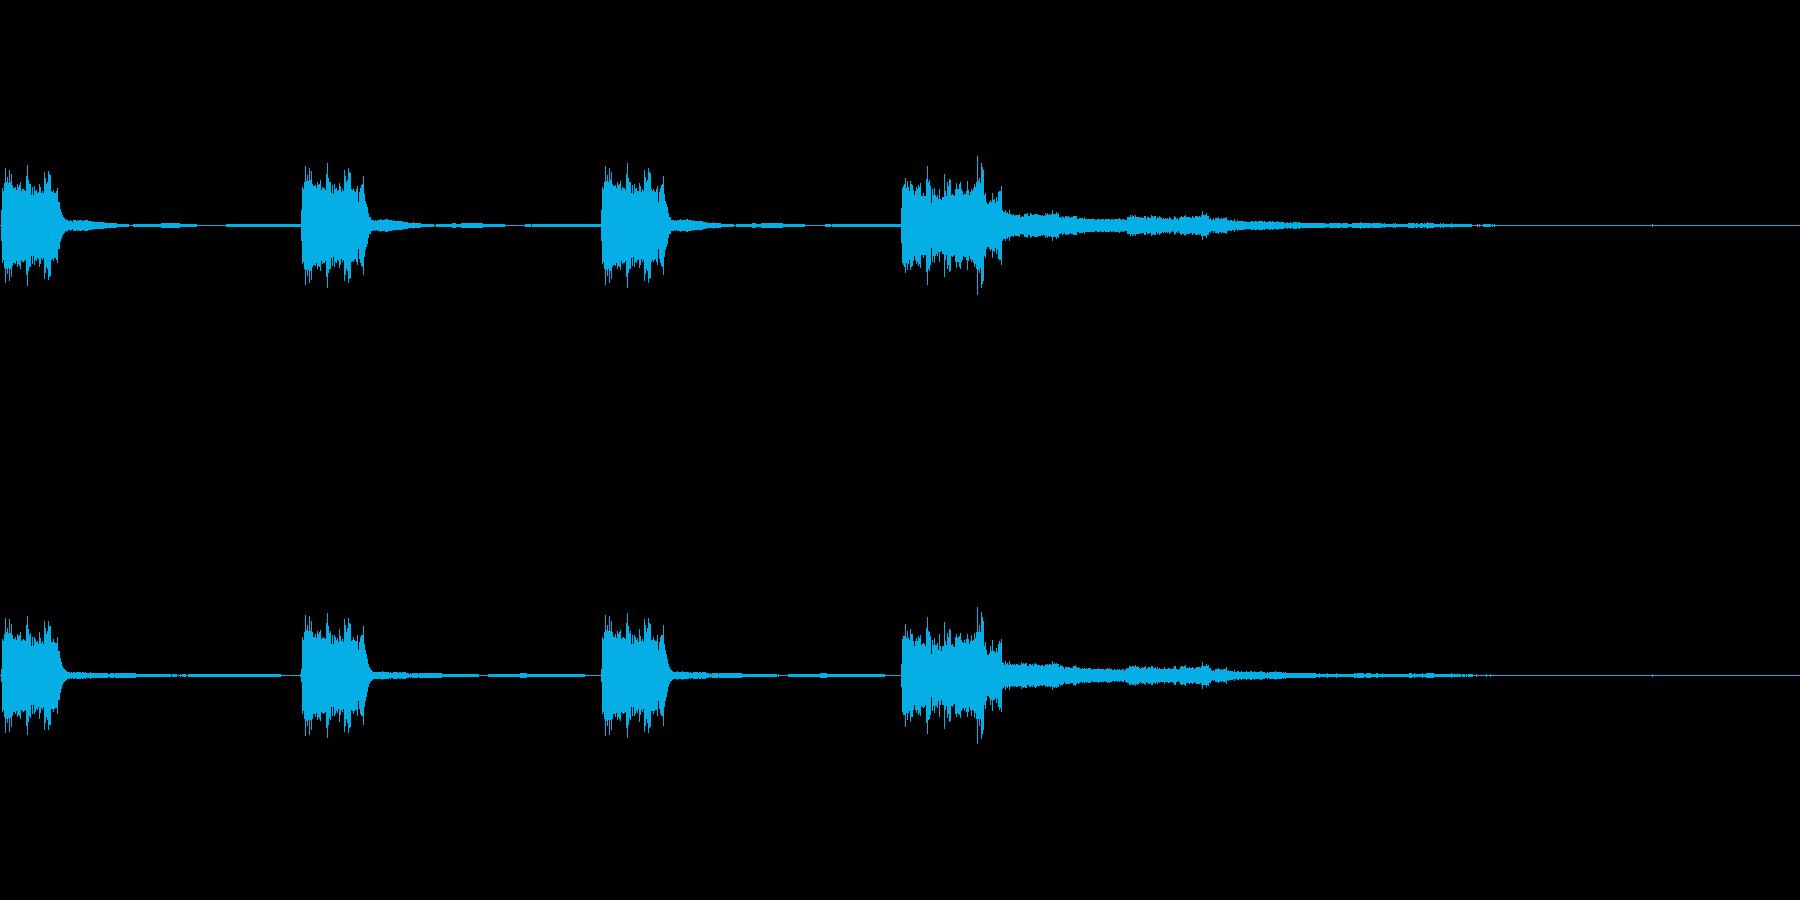 カウントダウン(時報)の音2の再生済みの波形